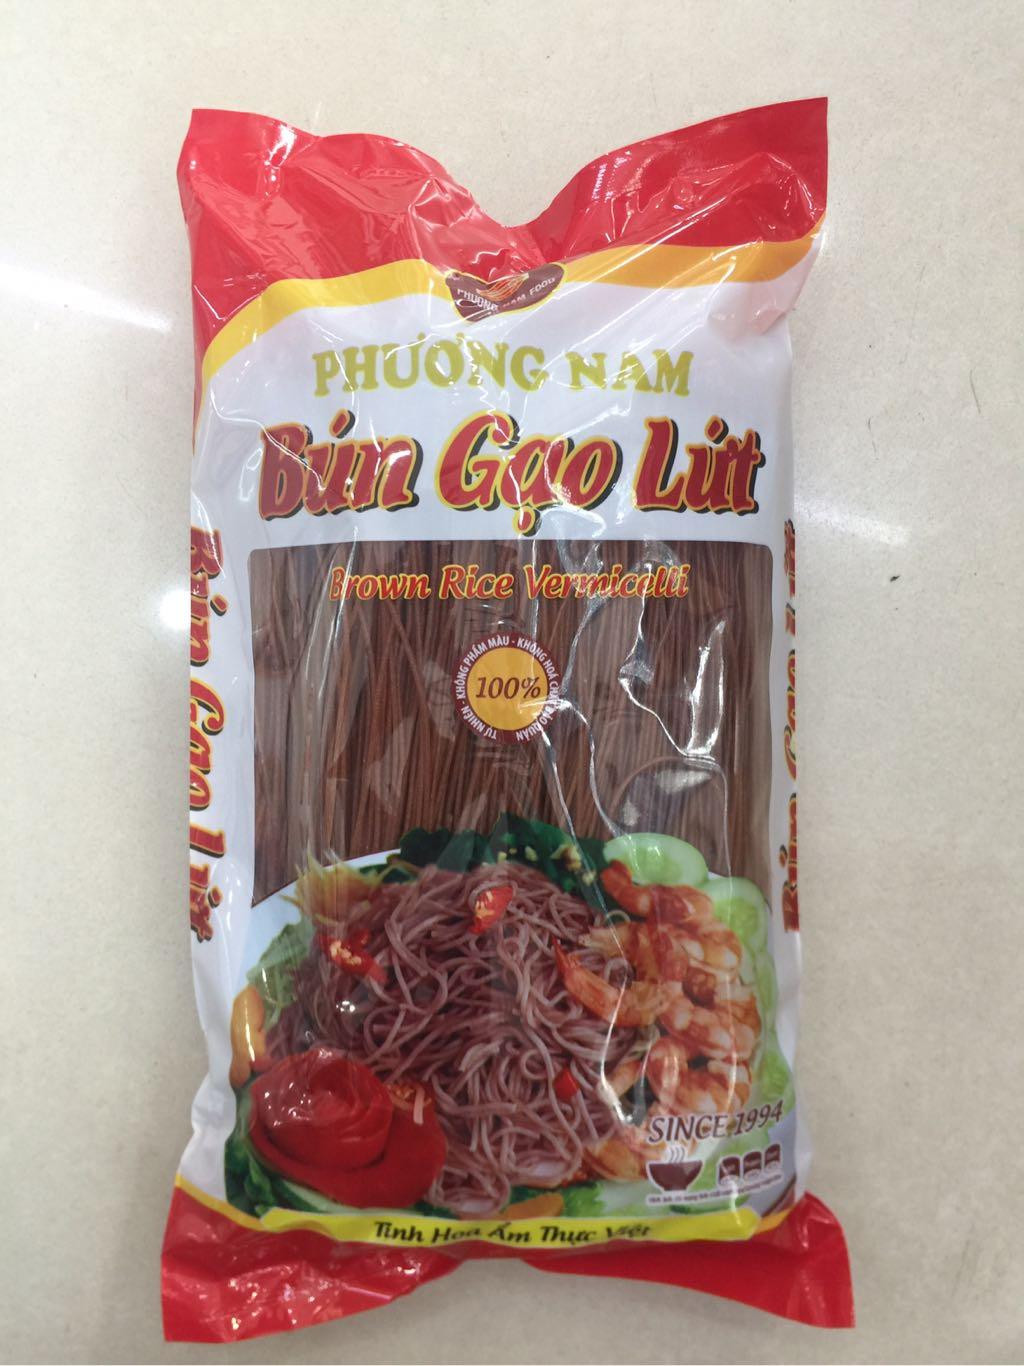 Bún gạo lứt Phương Nam 500g